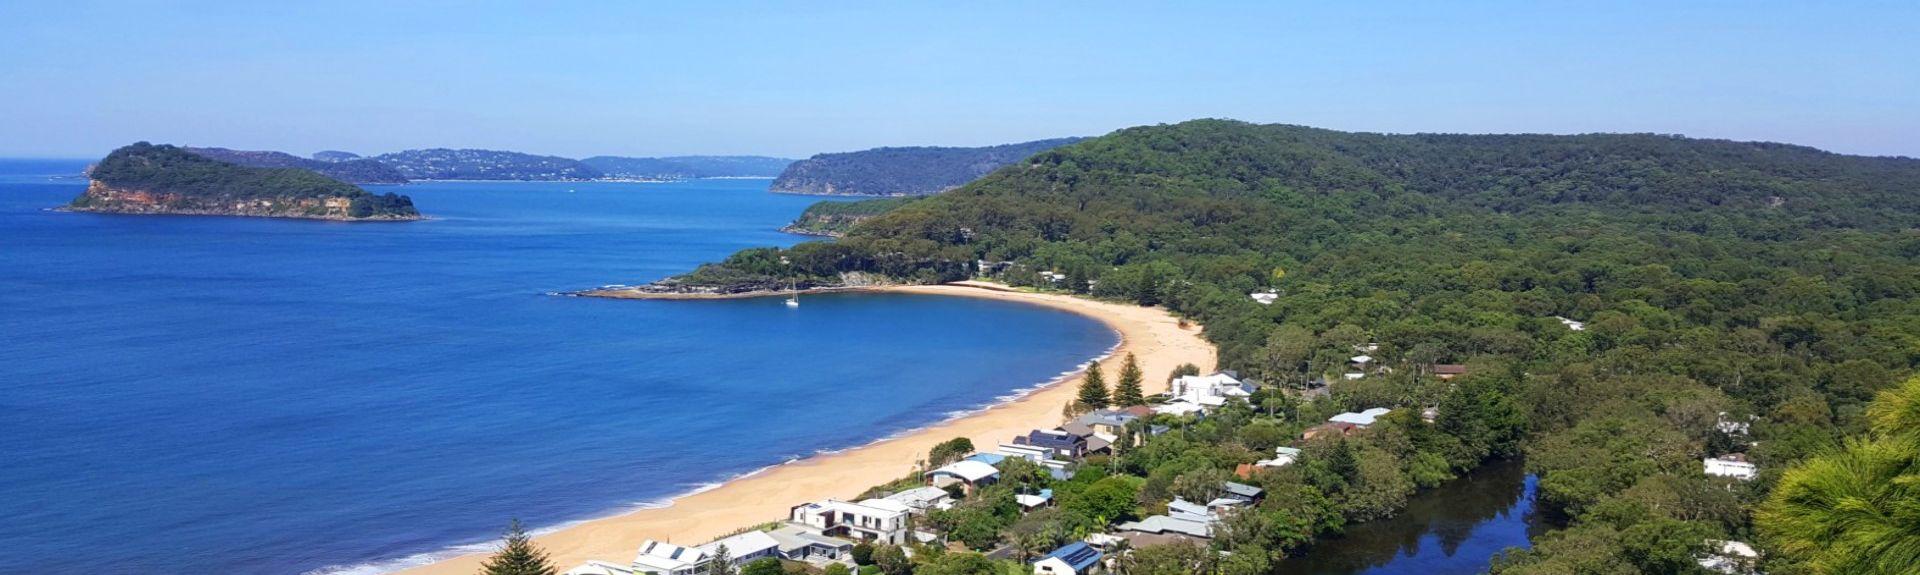 Spiaggia di Toowoon Bay, Nuovo Galles del Sud, Australia